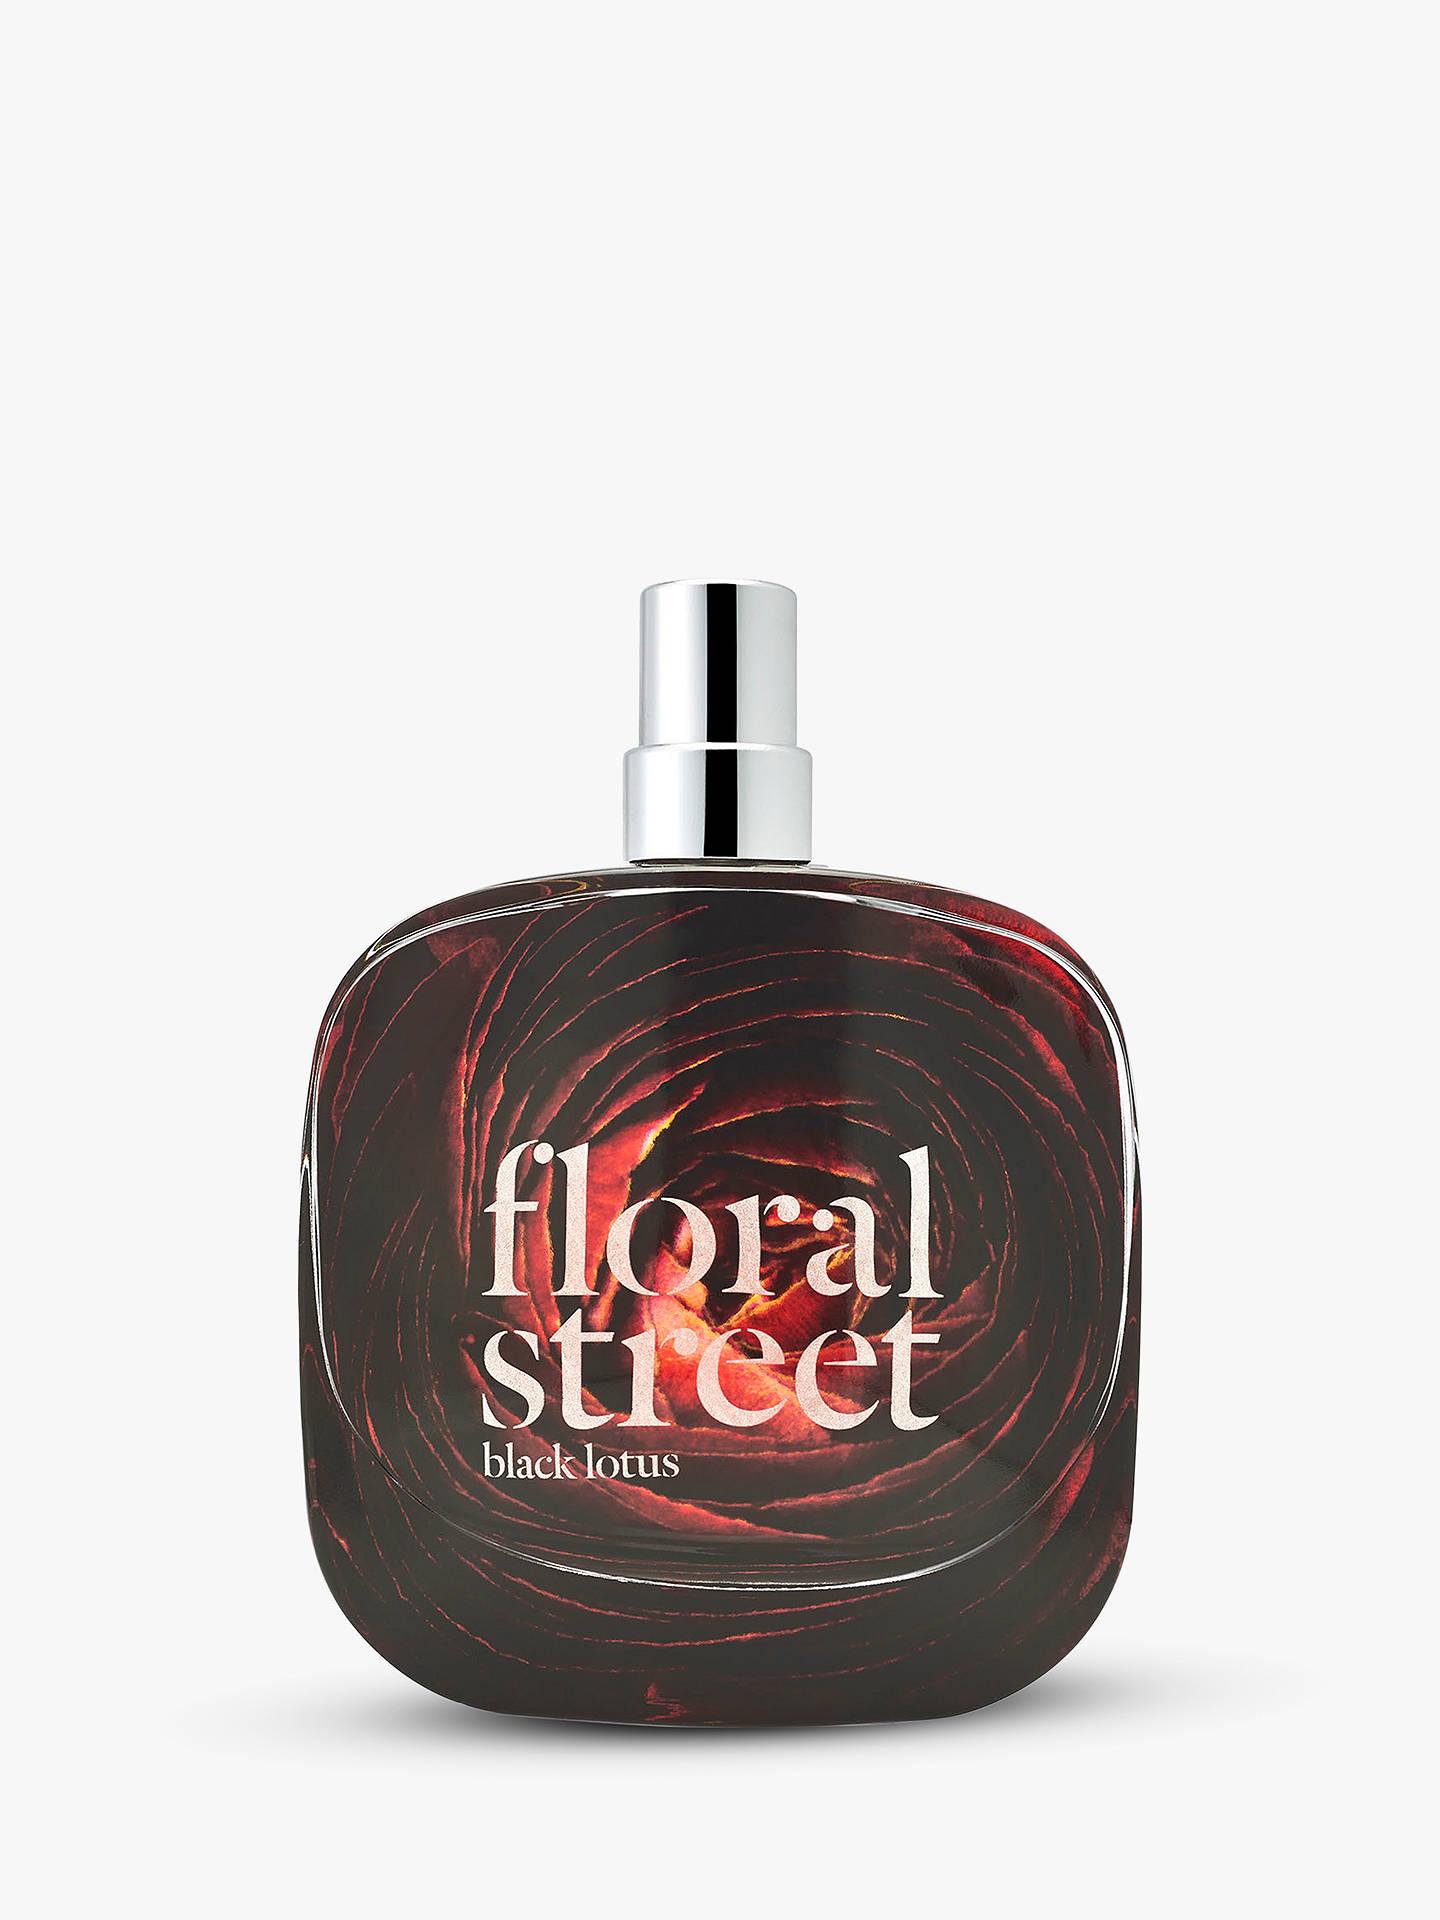 Floral Street Black Lotus Eau De Parfum At John Lewis Partners